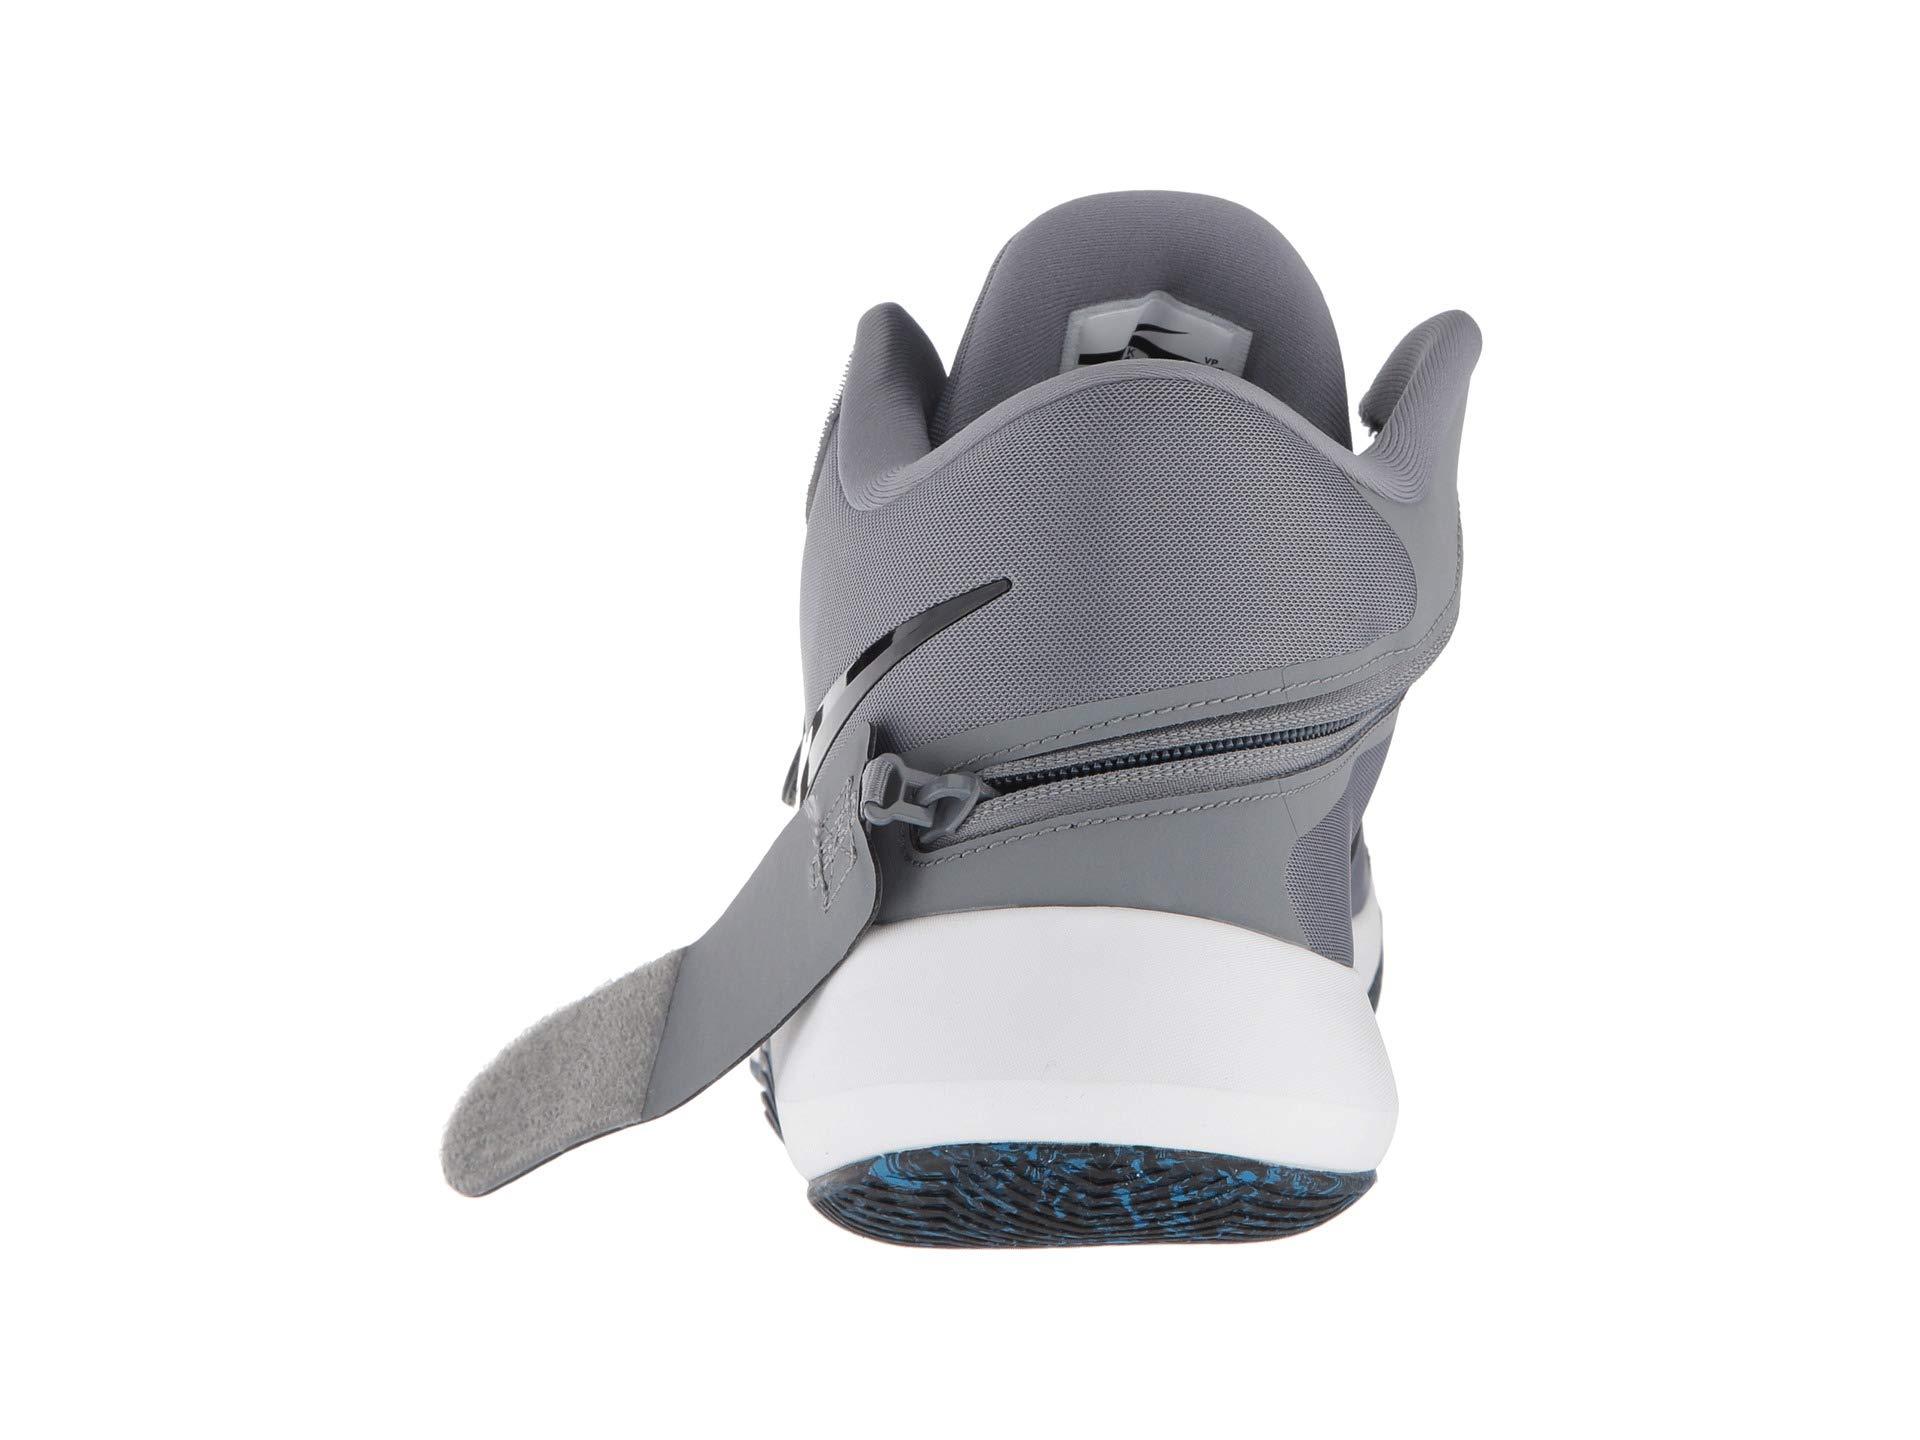 photo Blue Air Nike Flyease black Ii Grey Cool white Precision xRzqSn6vw8